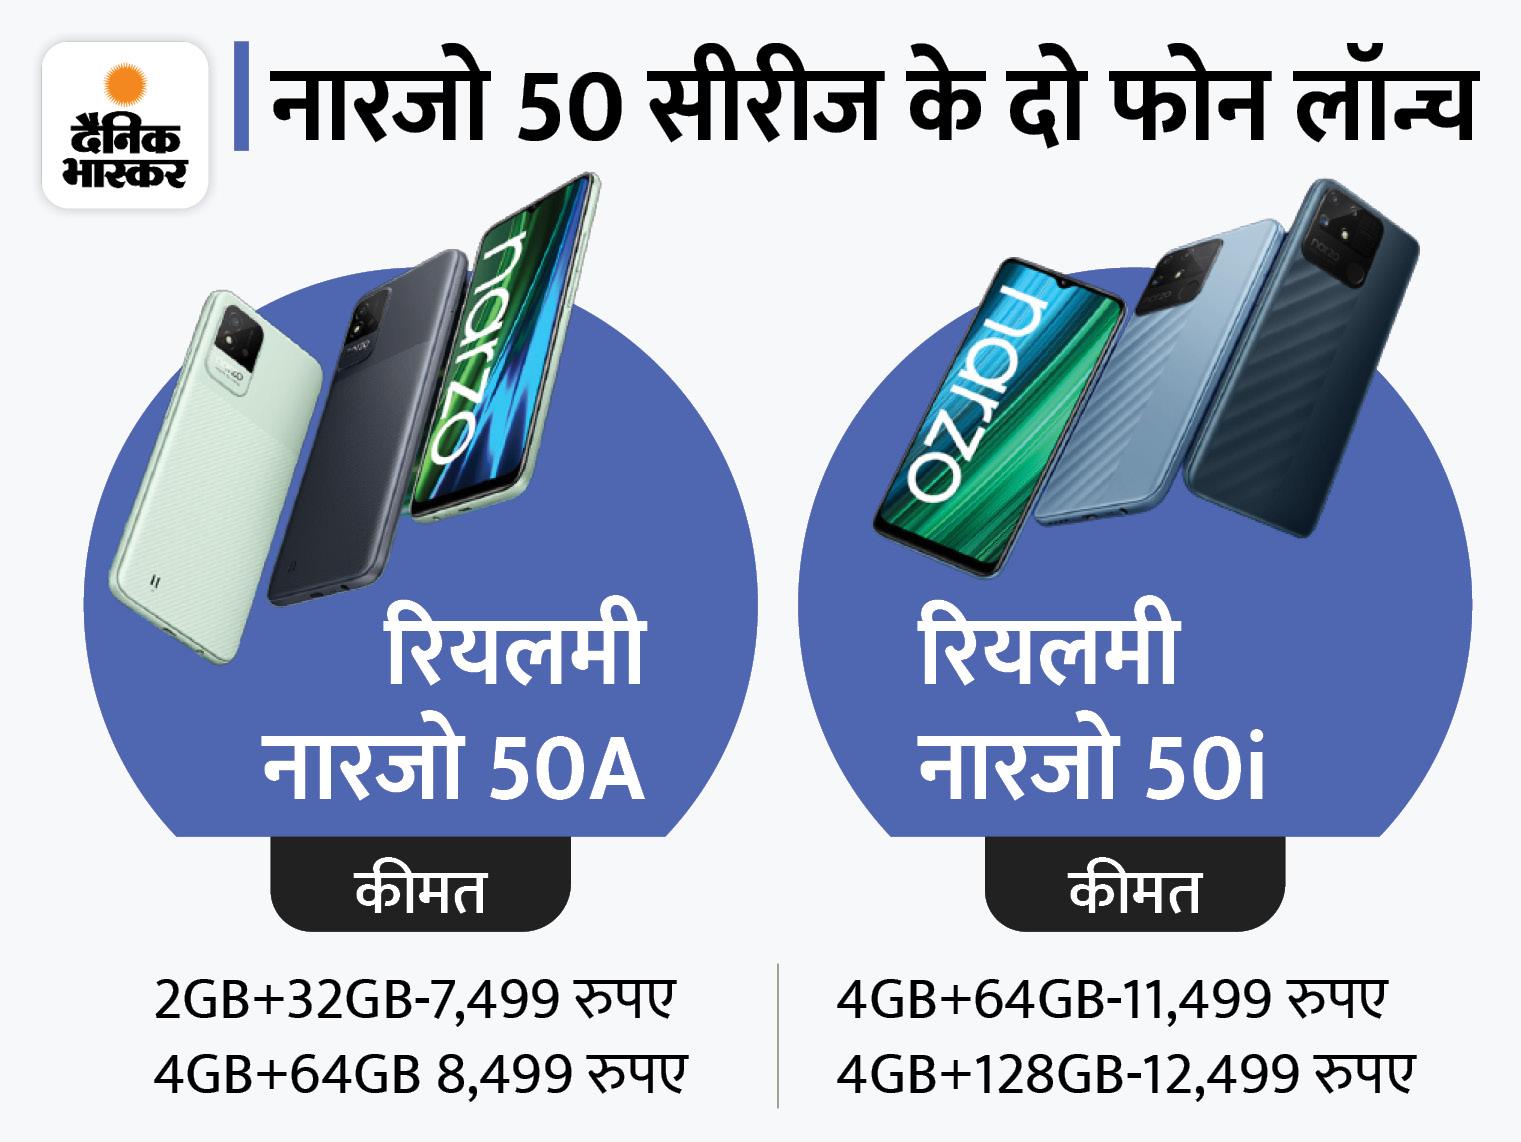 रियलमी नारजो 50A में दमदार बैटरी से सिंगल चार्ज में 53 दिन का स्टैंडबाय मिलेगा, वहीं 50i मॉडल में 43 दिनों का स्टैंडबाय होगा टेक & ऑटो,Tech & Auto - Dainik Bhaskar